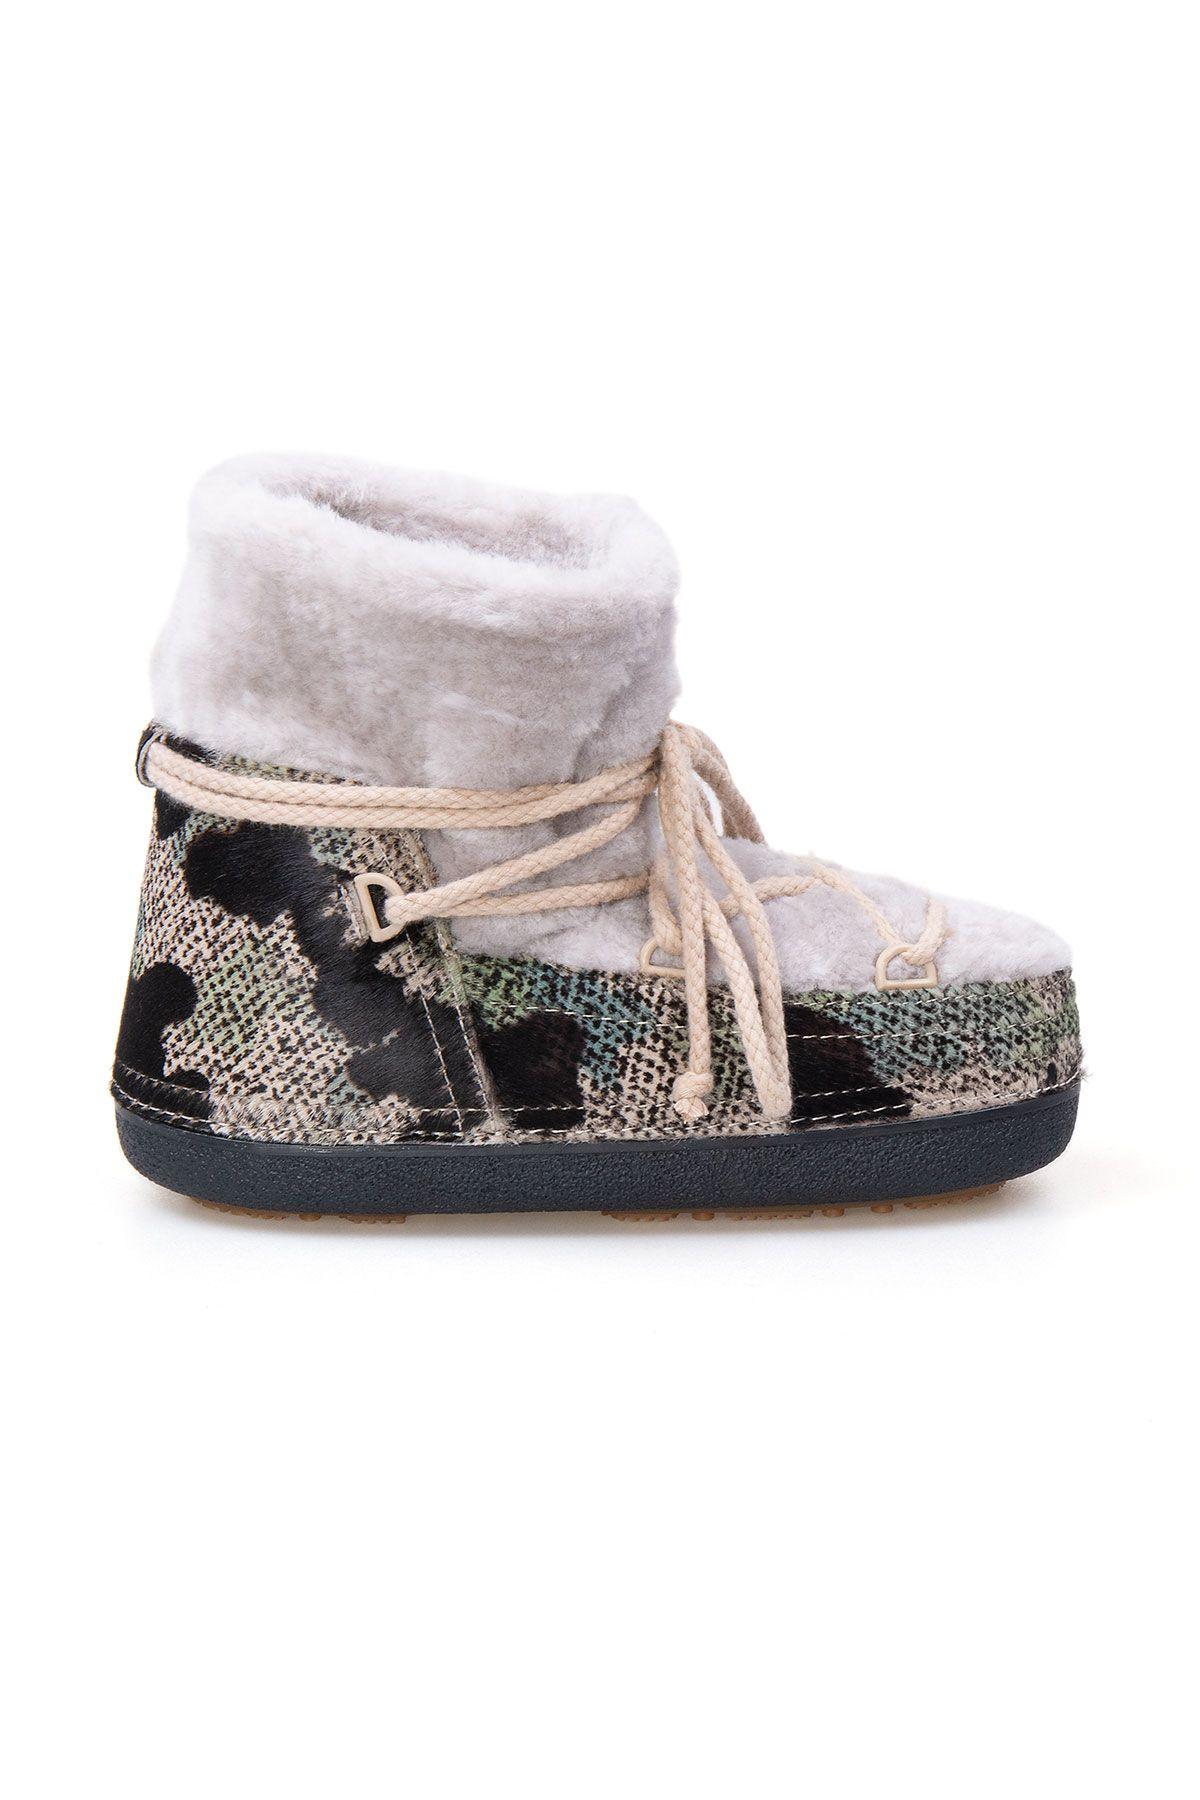 Cool Moon Genuine Sheepskin Women's Snow Boots 251210 Beige